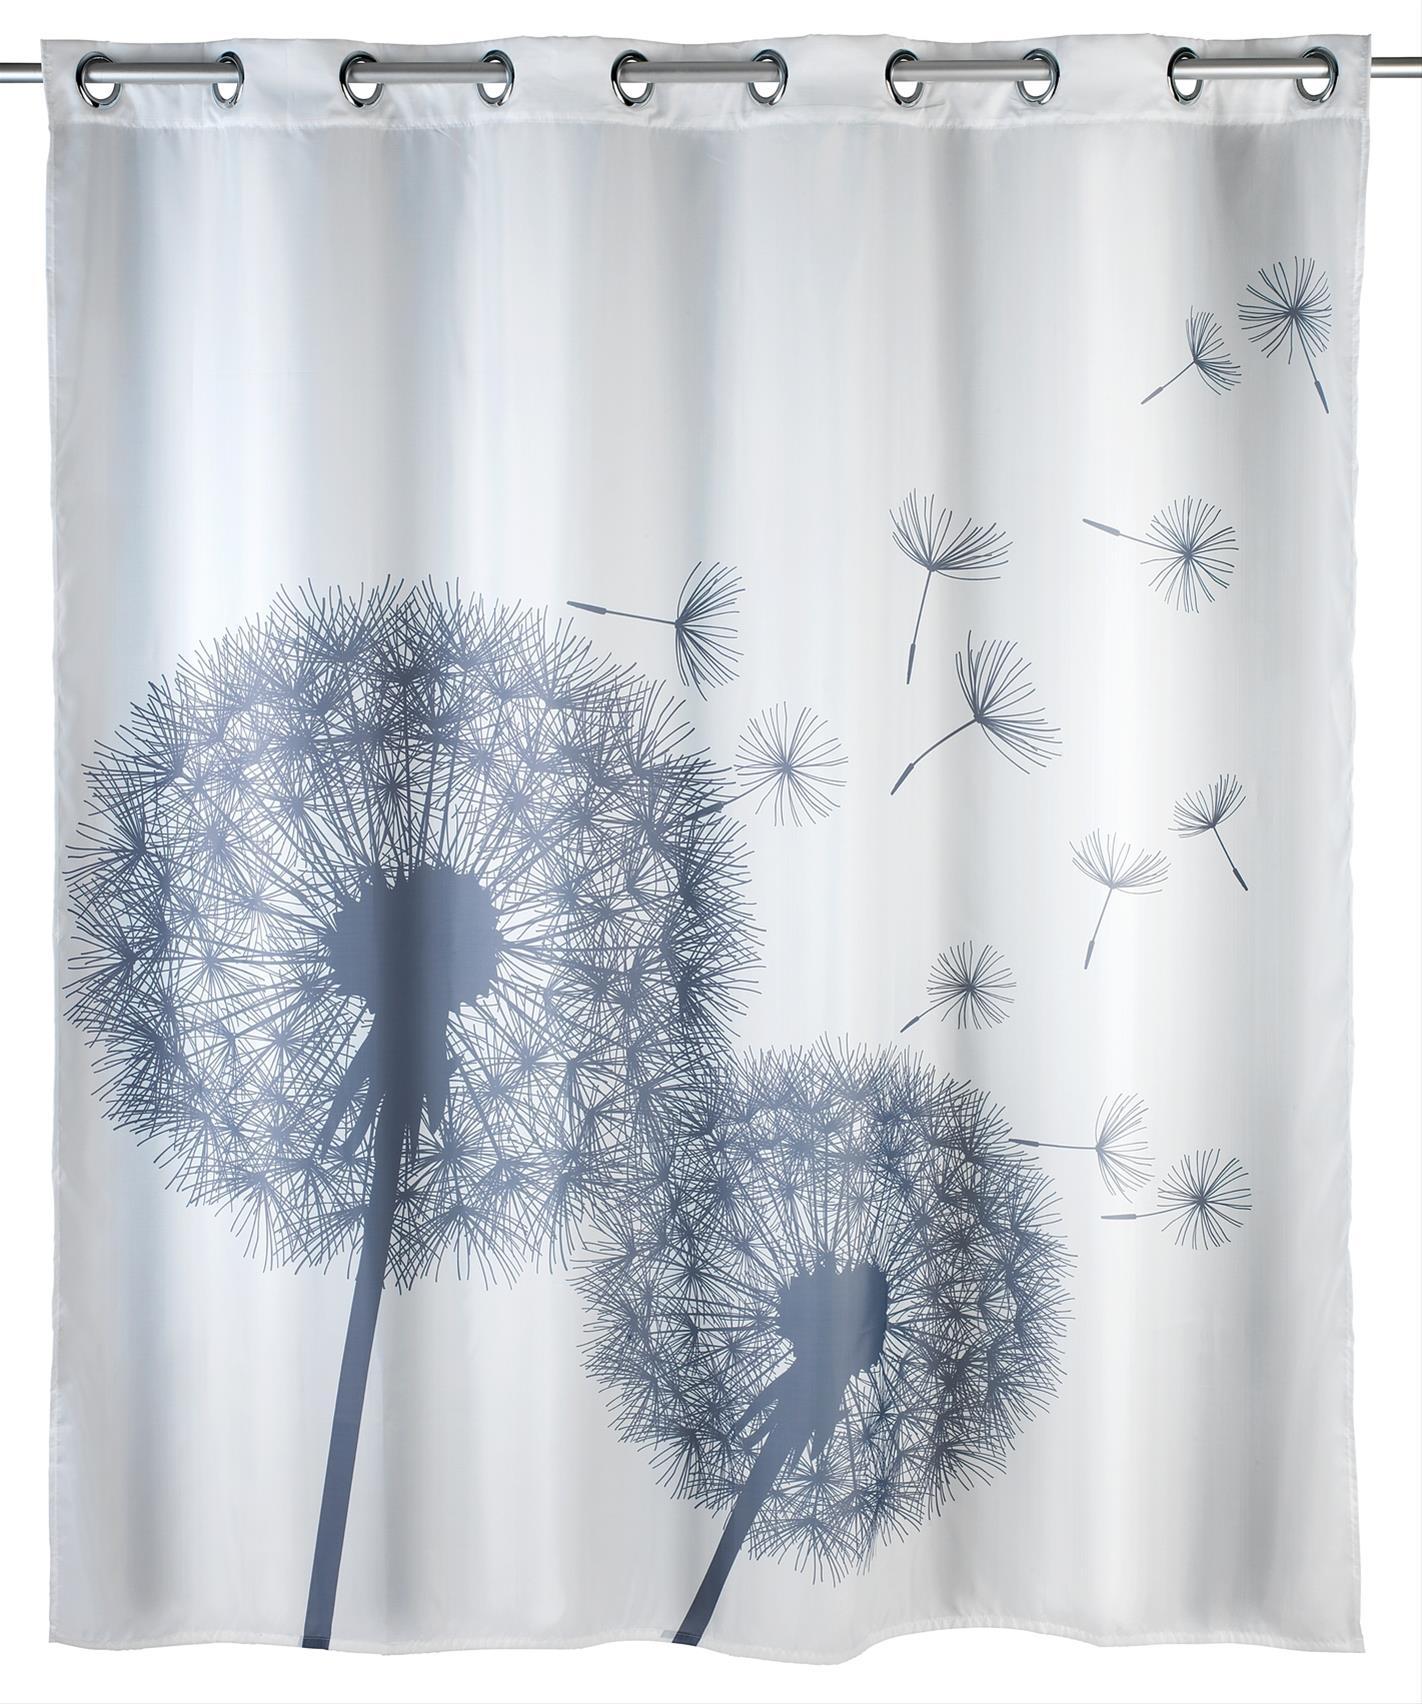 Duschvorhang Poly.Astera flex,antischimm Bild 1